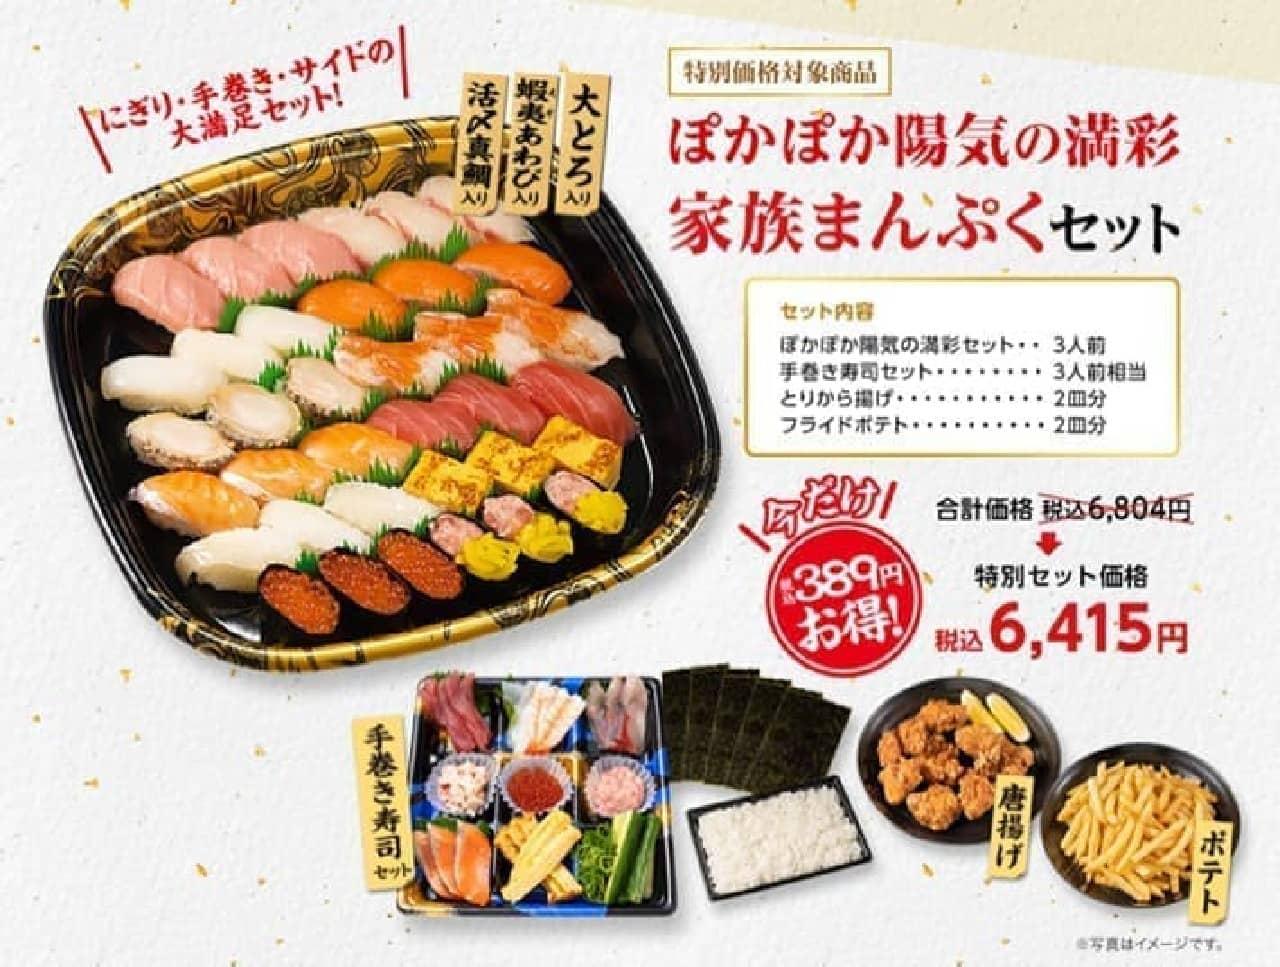 かっぱ寿司「ぽかぽか陽気の満彩 家族まんぷくセット」など